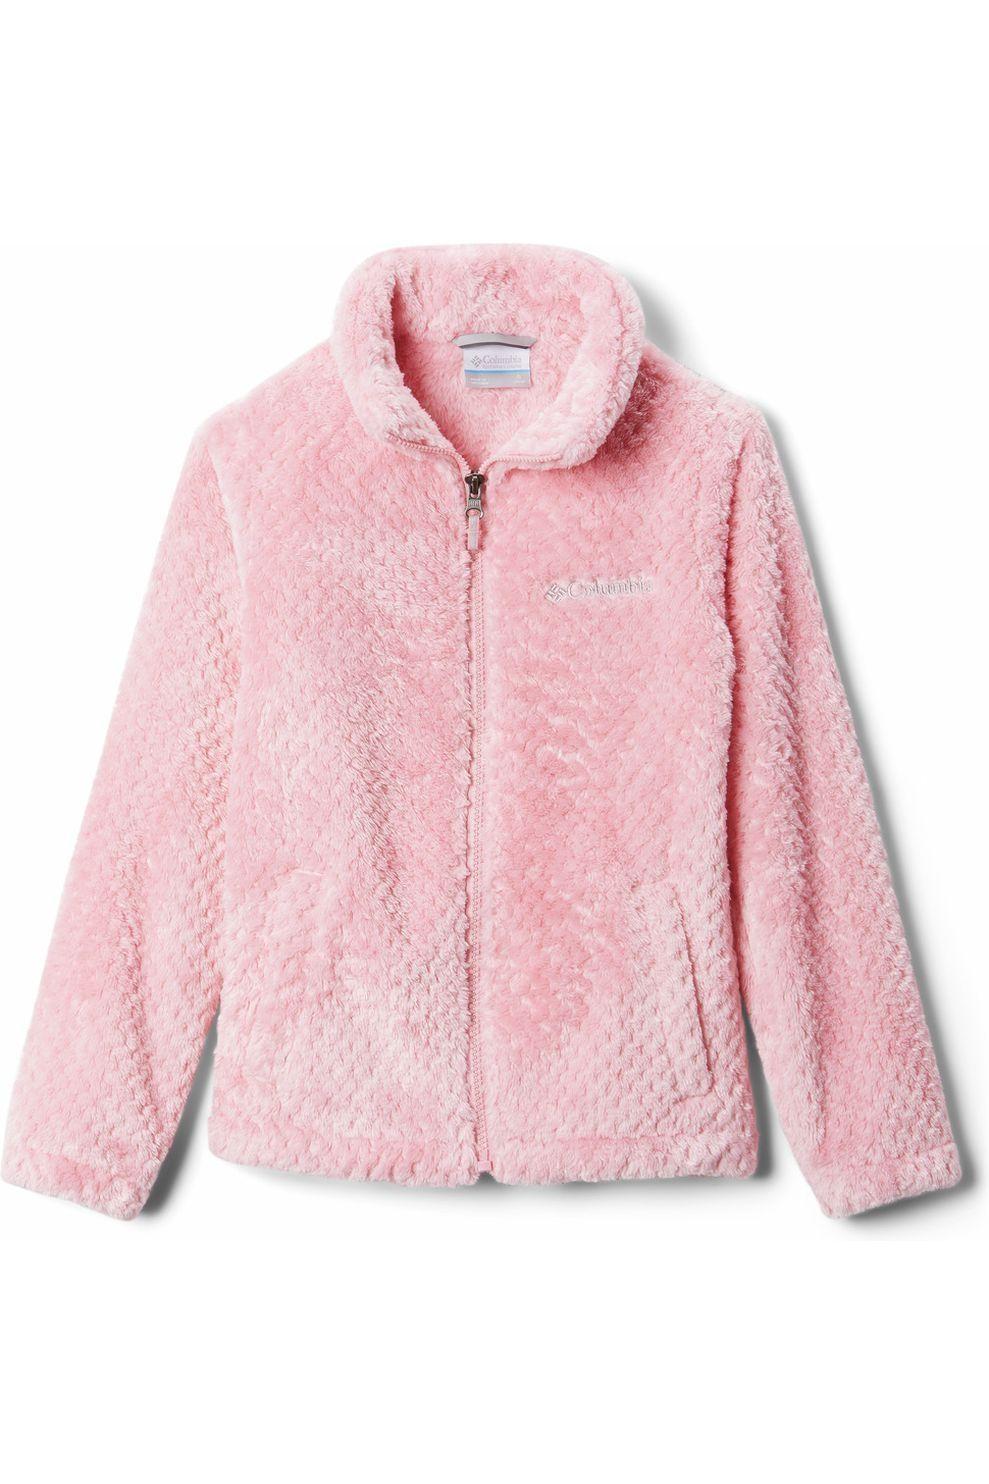 Columbia Trui Fire Side voor meisjes - Roze -